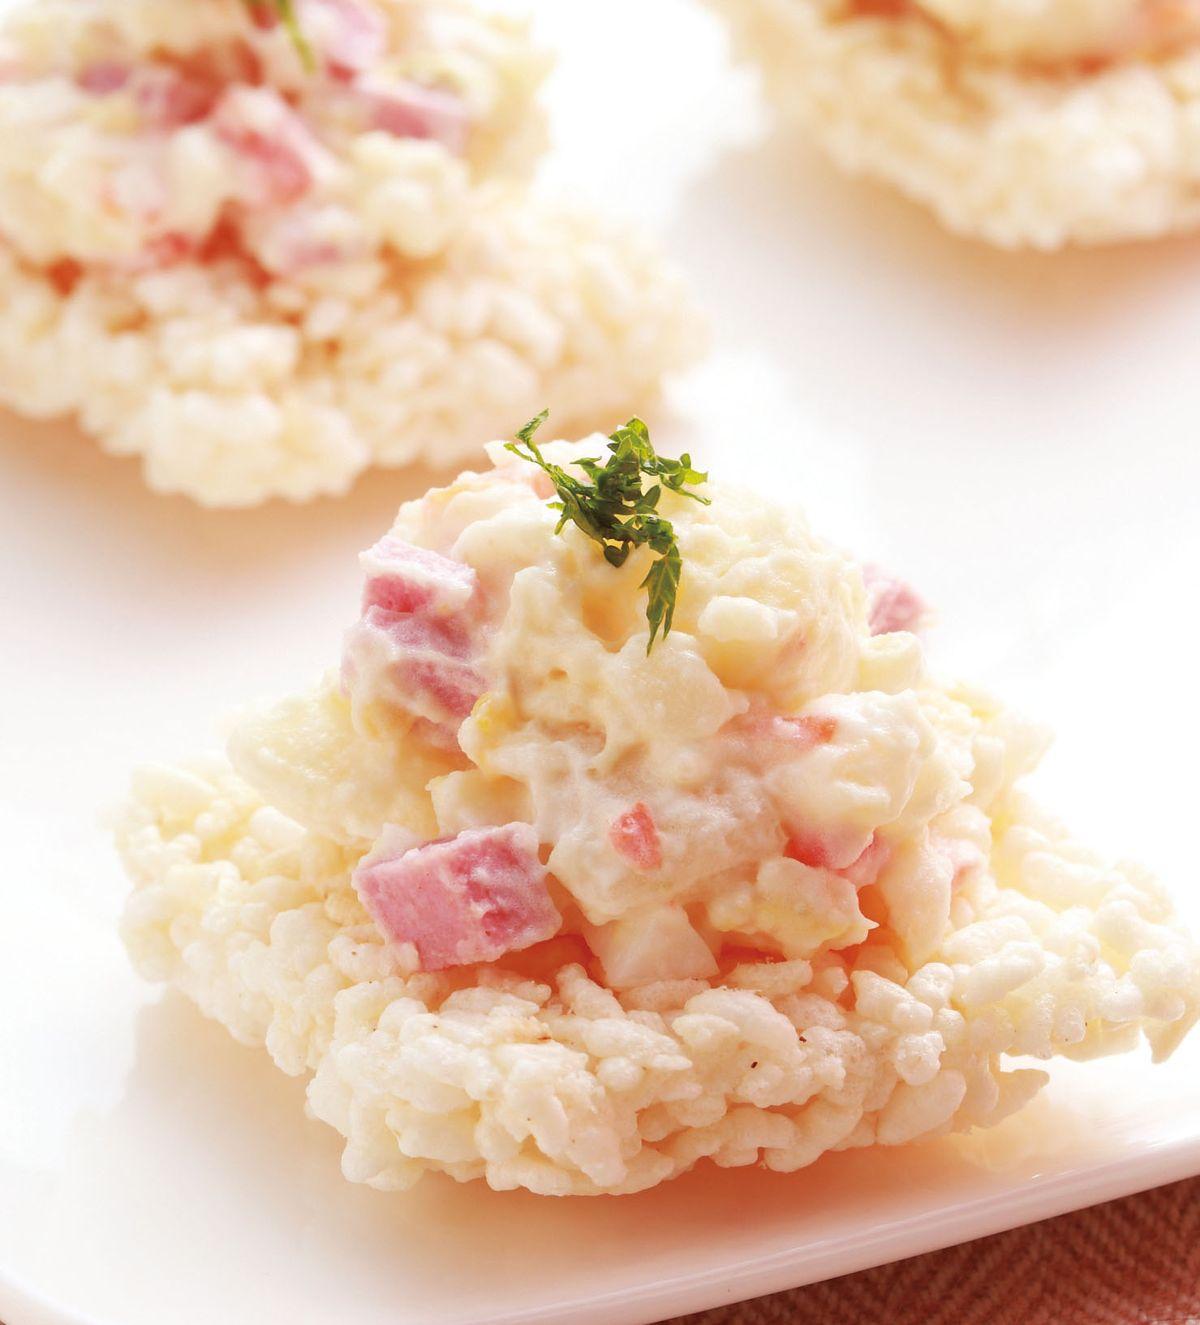 食譜:鍋巴薯泥沙拉